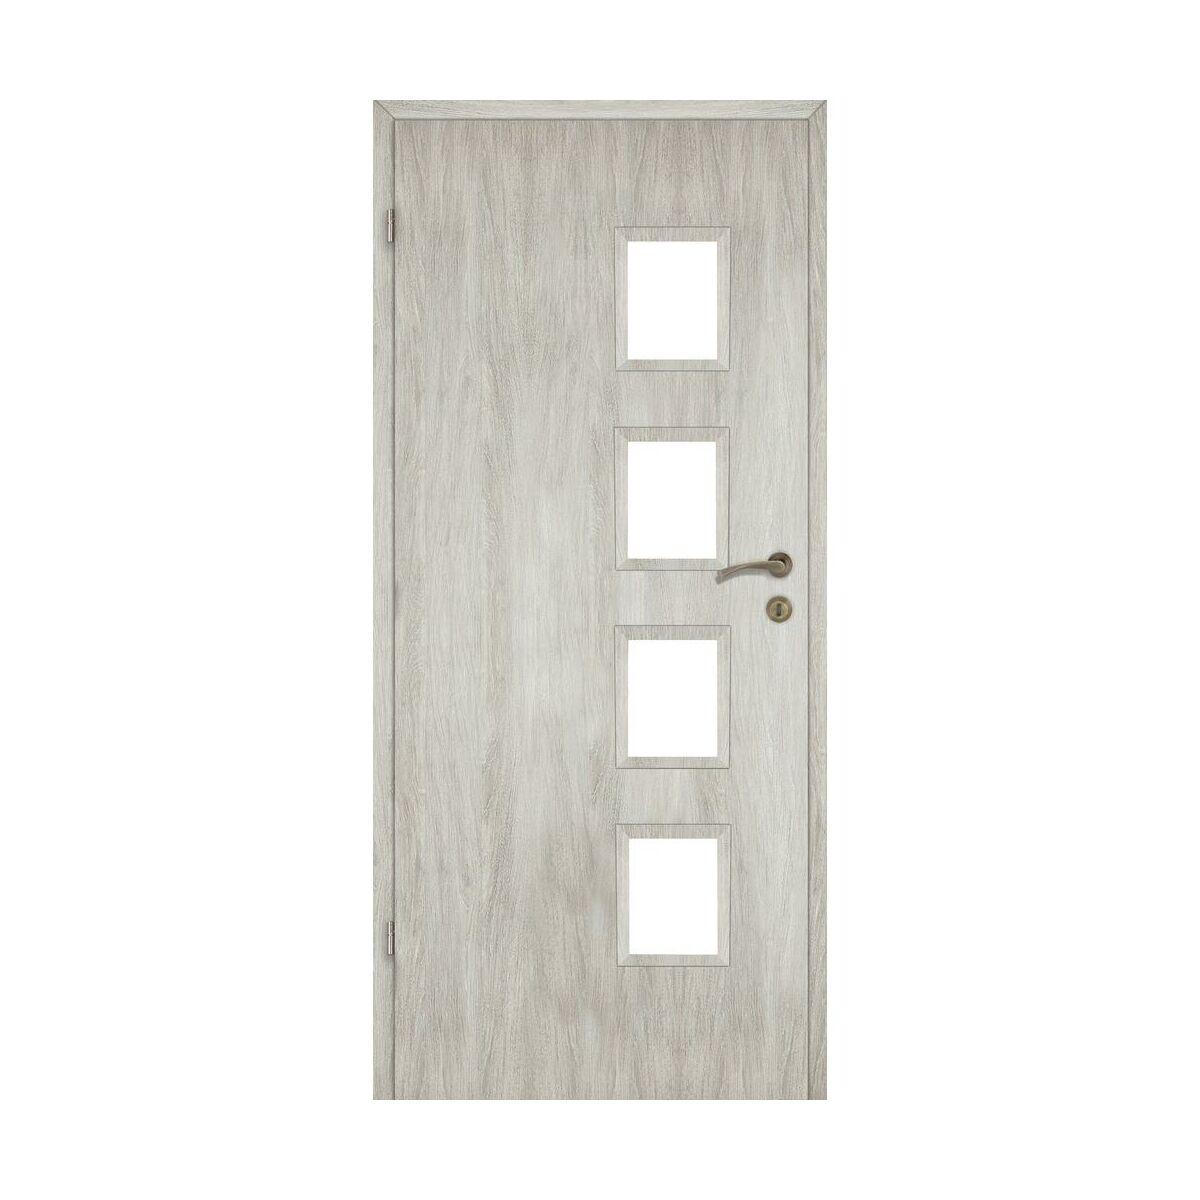 Skrzydlo Drzwiowe Pokojowe Alba Dab Silver 70 Lewe Artens Drzwi Wewnetrzne W Atrakcyjnej Cenie W Sklepach Leroy Merlin